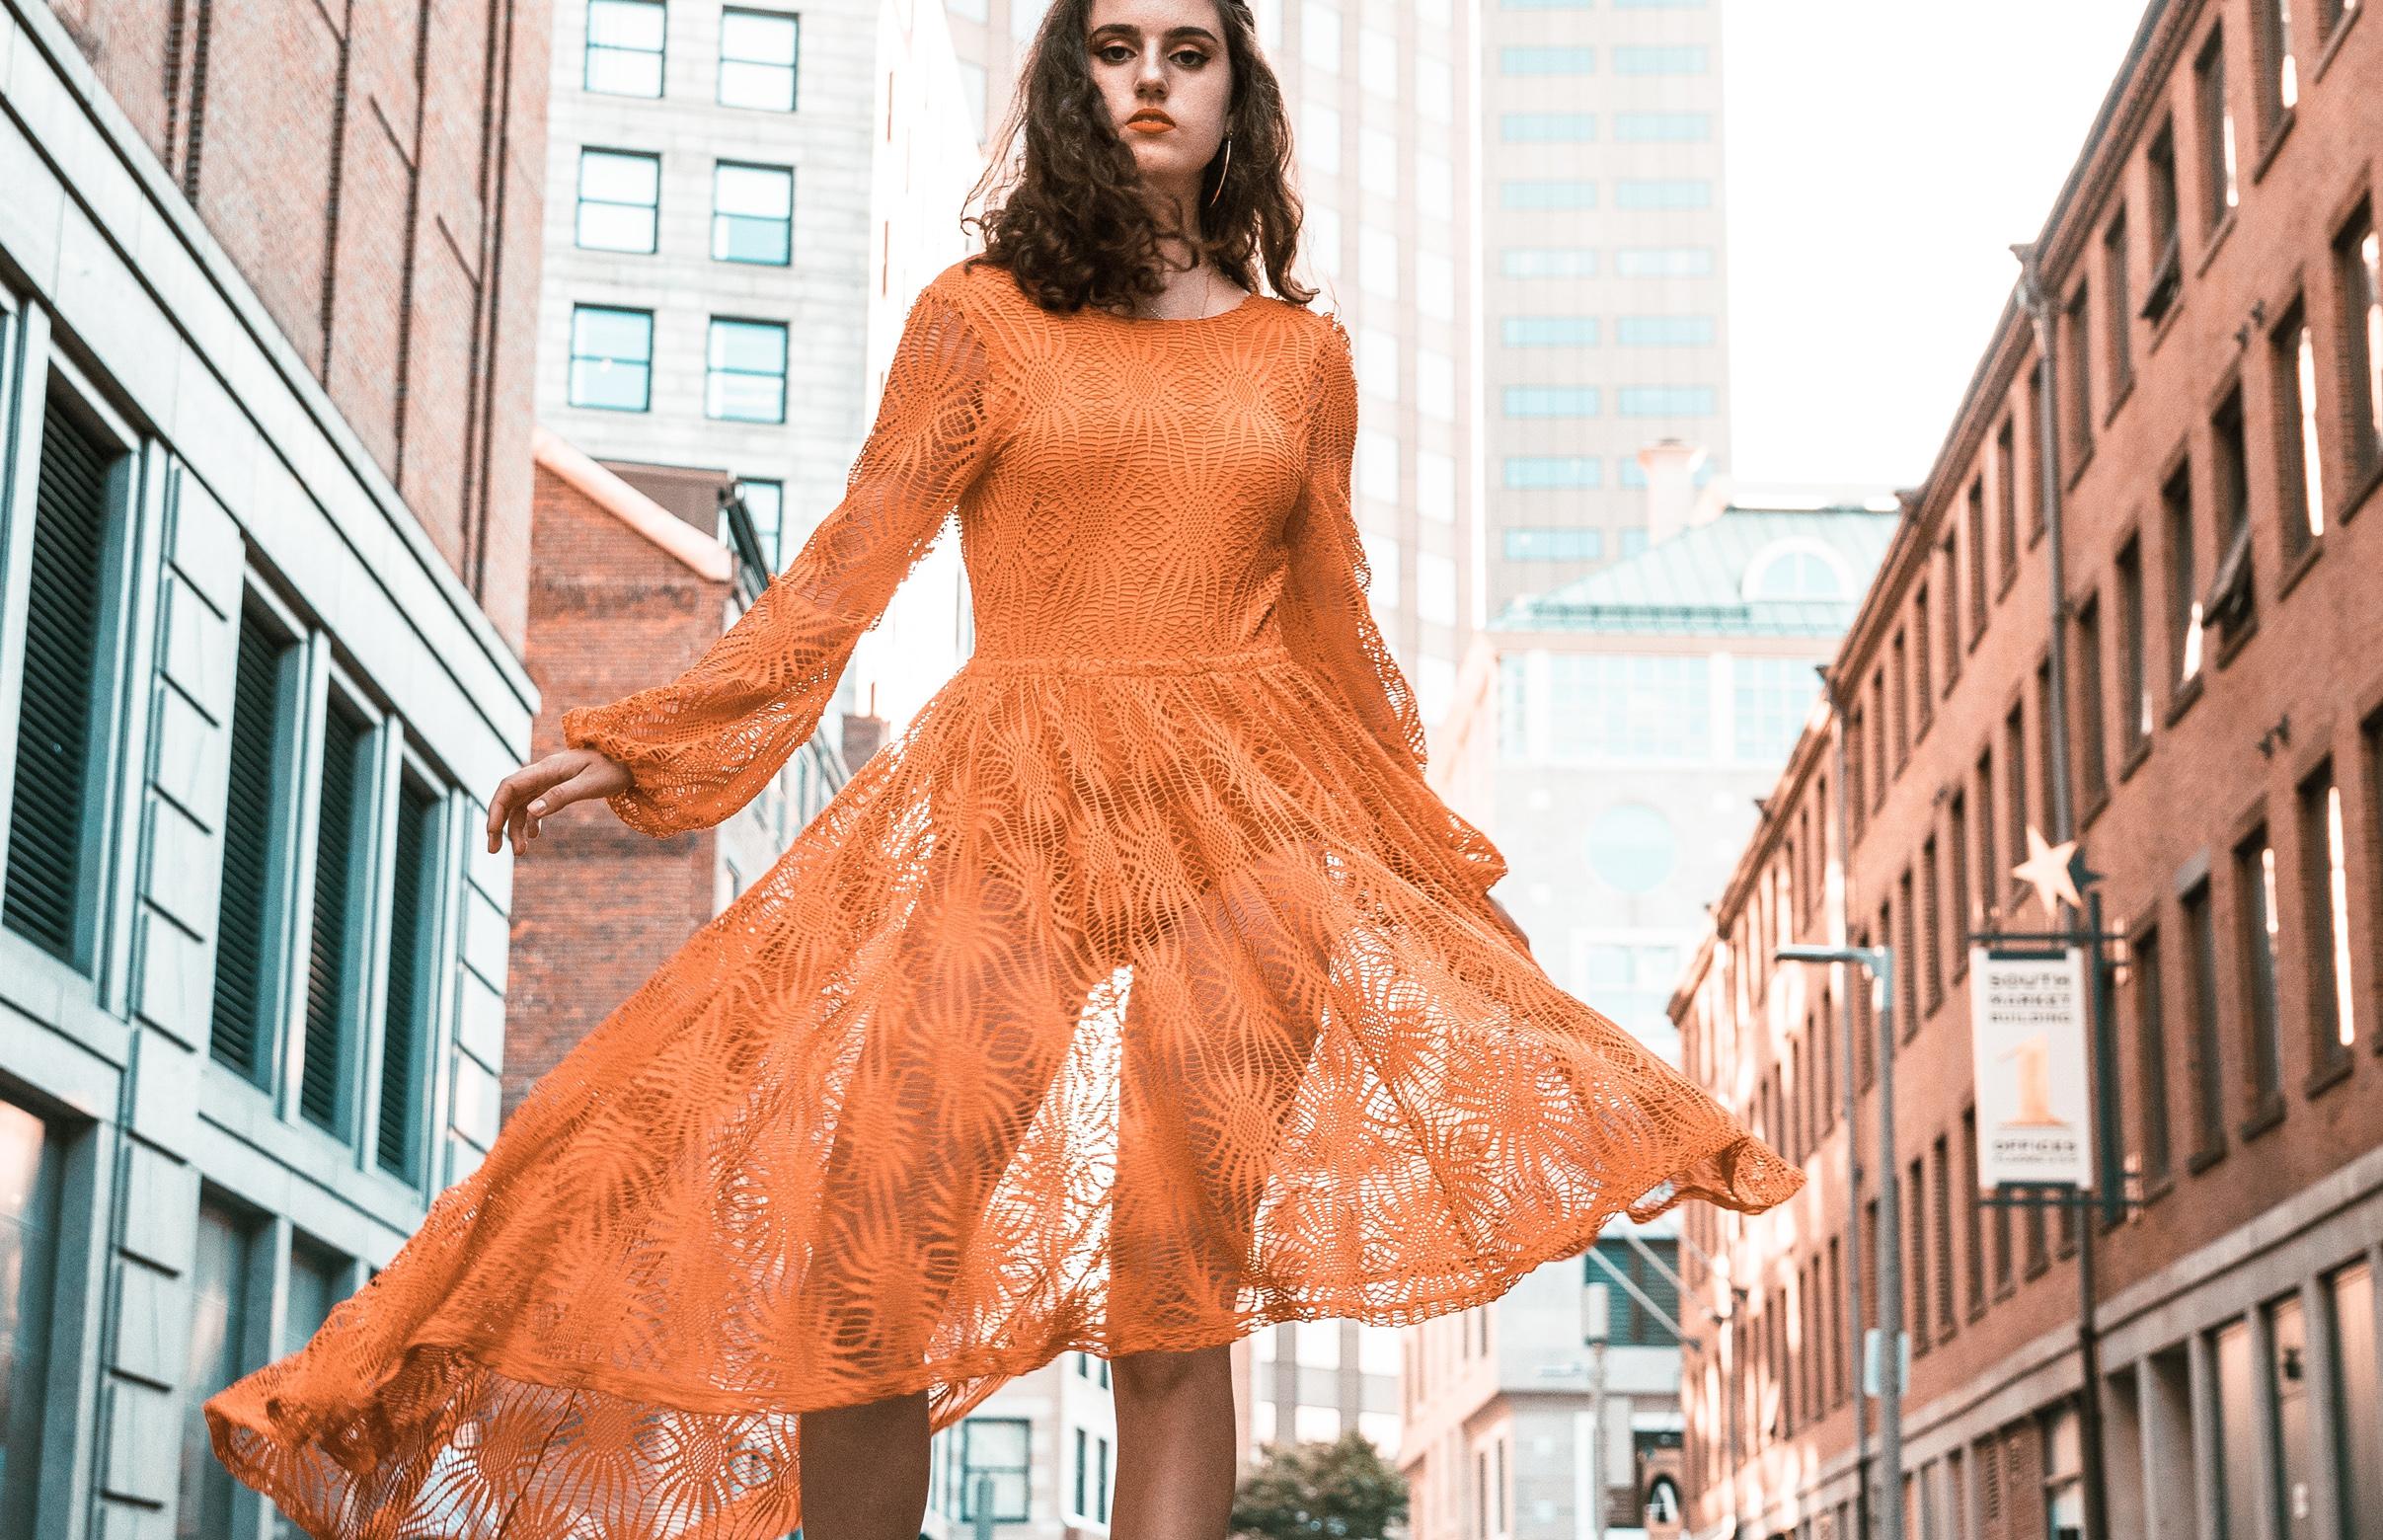 rochii in tendintele toamnei 2018, rochii pentru toamna aceasta, ce rochii se poarta in toamna asta, tendinte in moda pentru toamna-iarna 2018